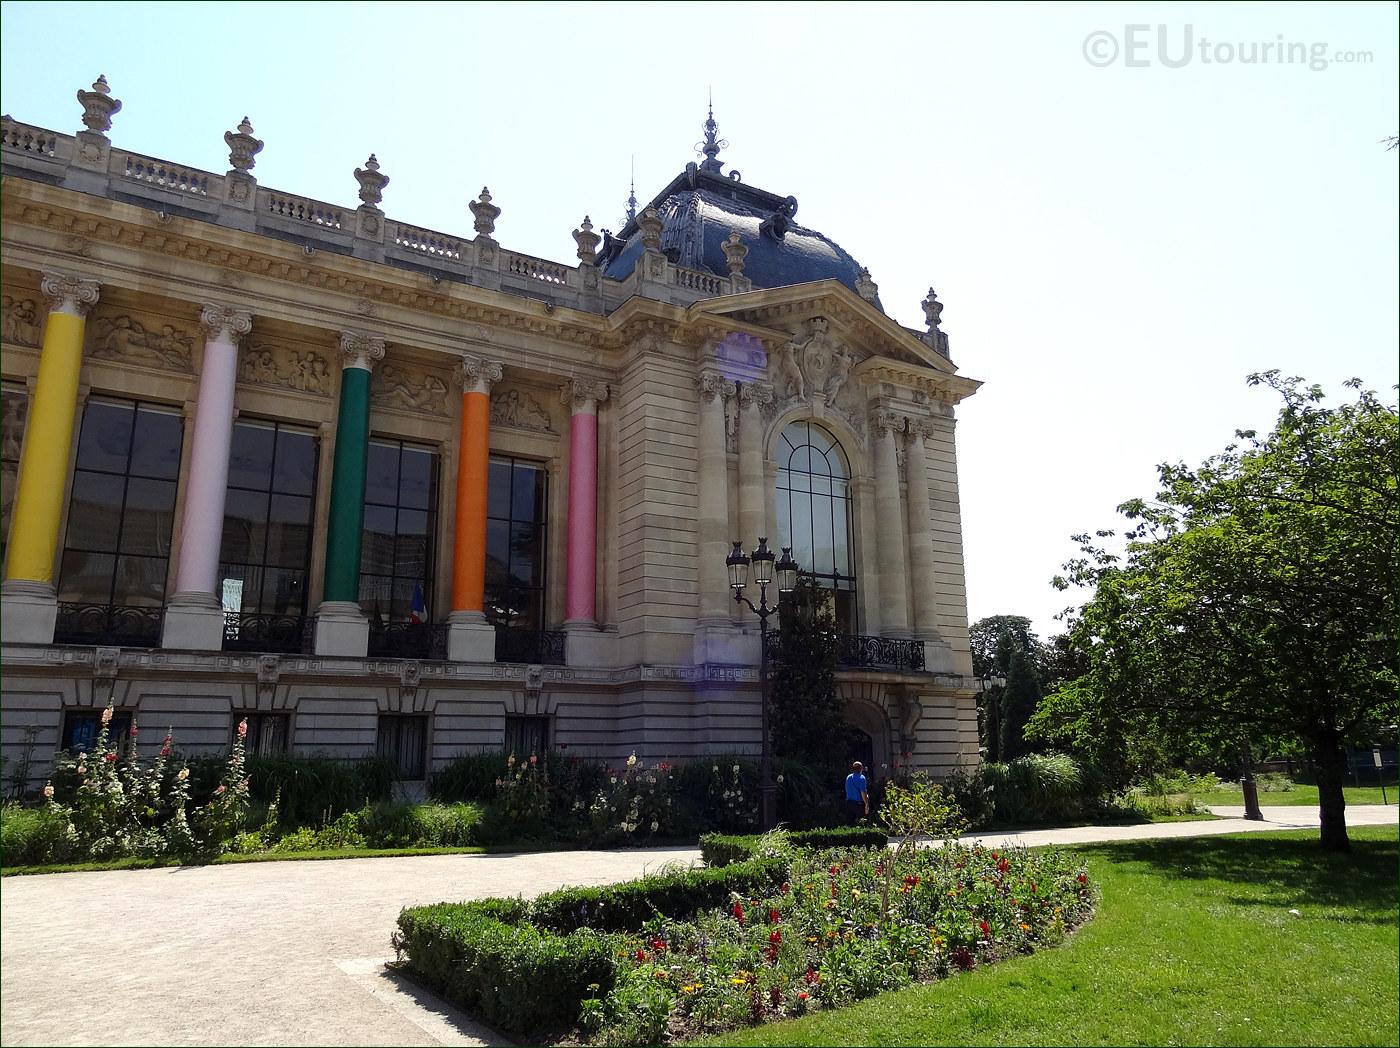 Photo images of the petit palais in paris image 8 for Cafe le jardin du petit palais